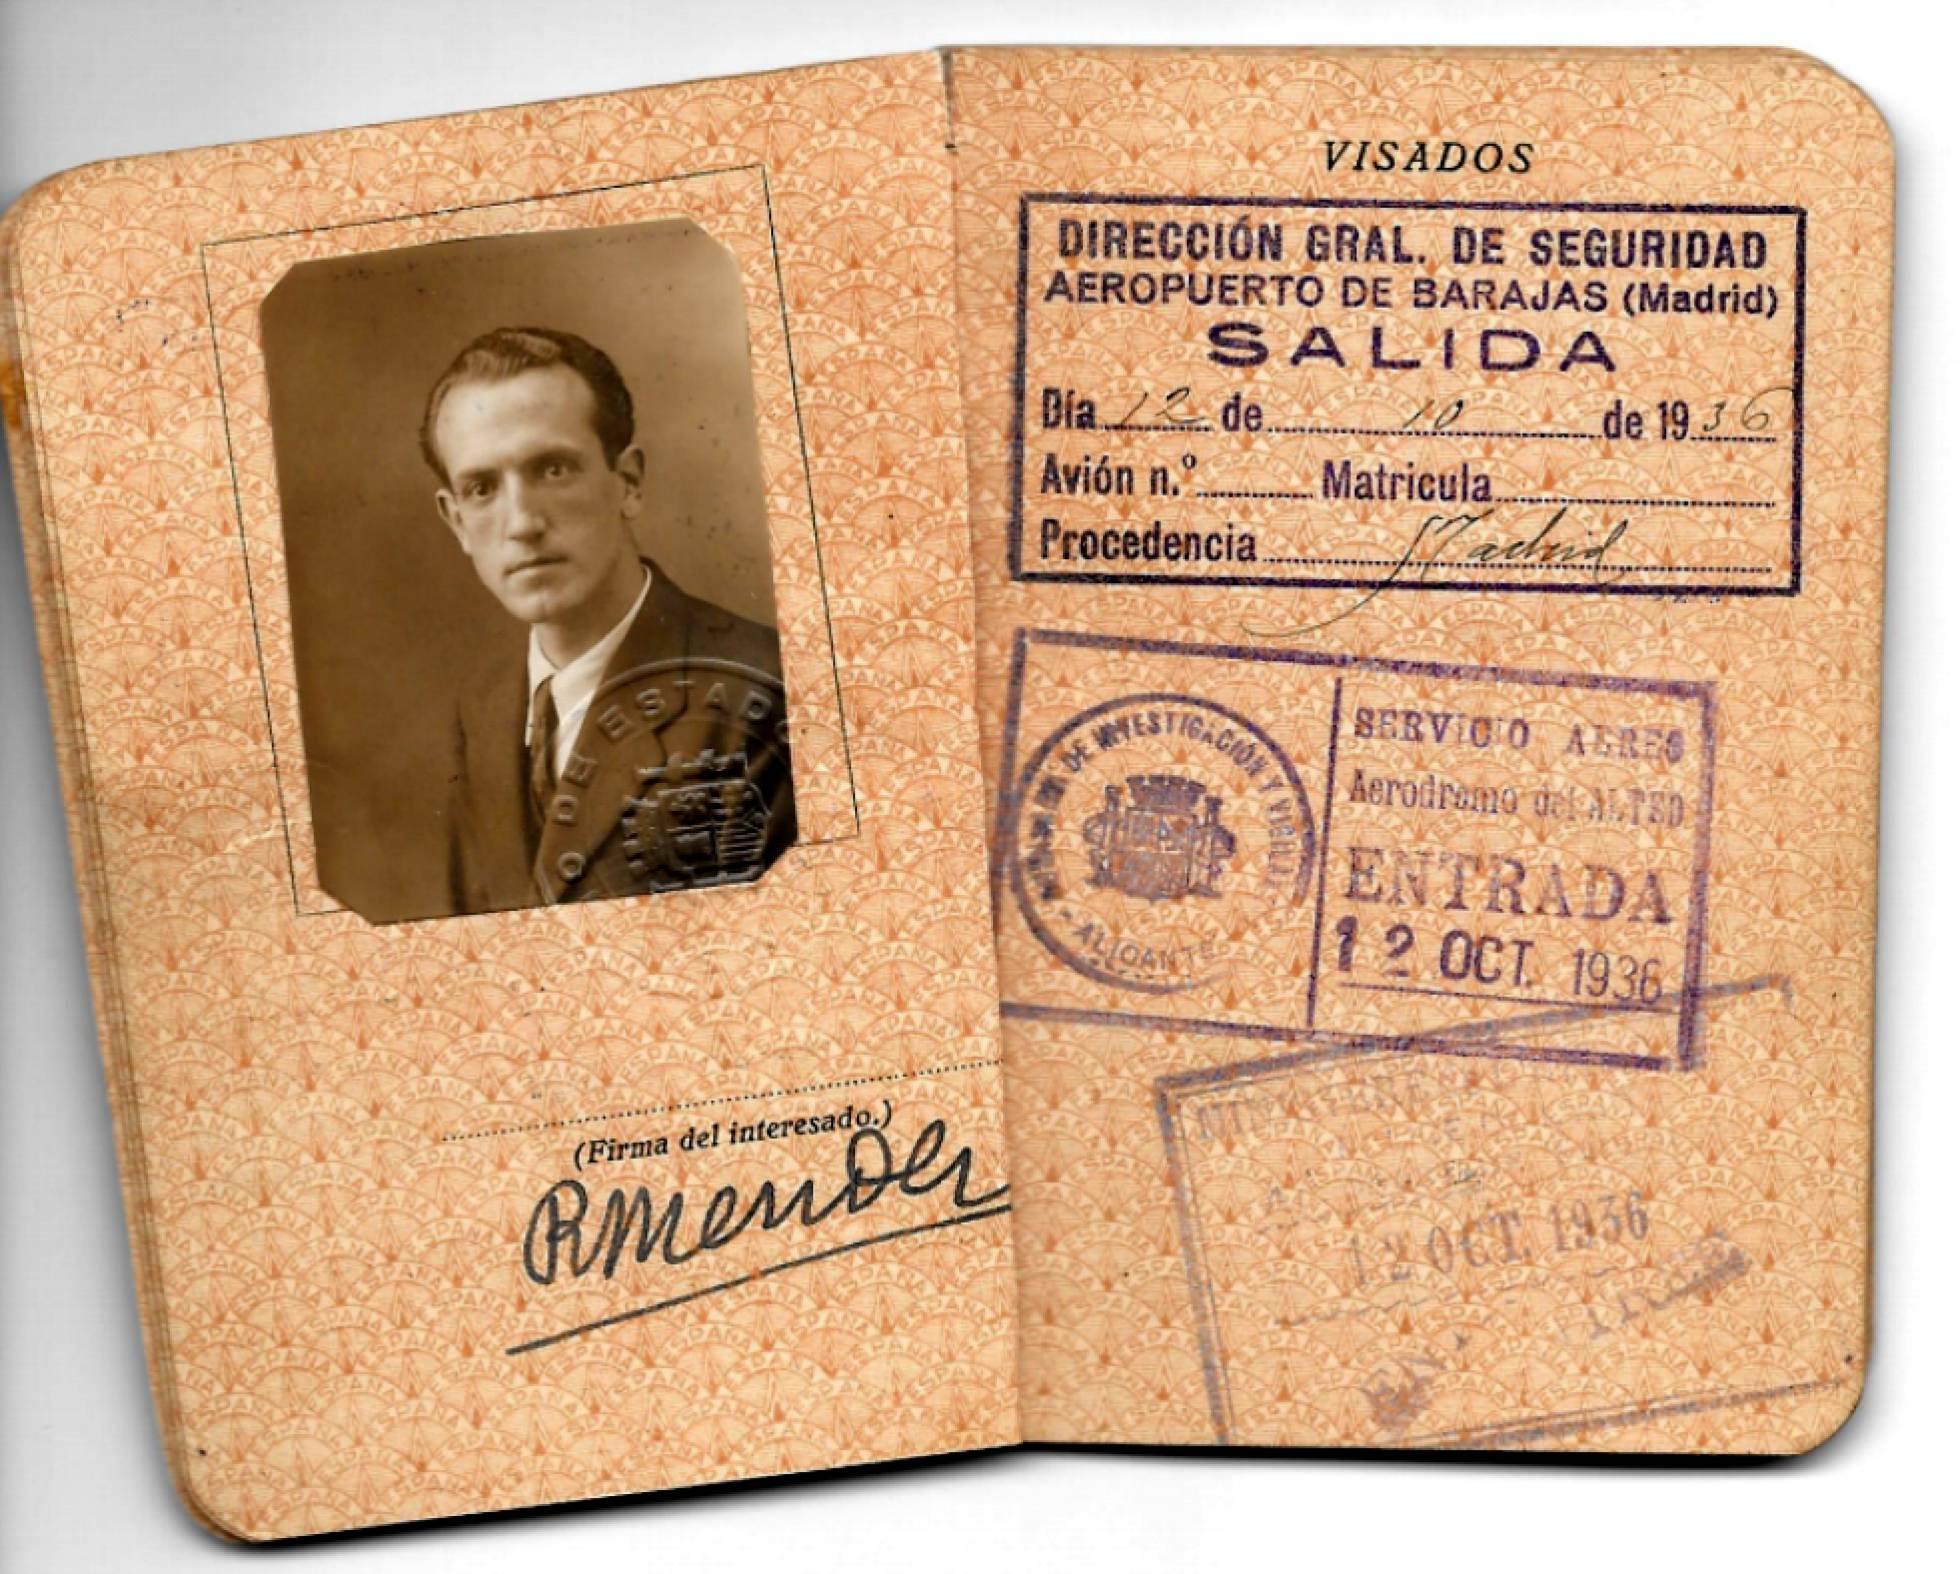 Rafael Mendez Spain